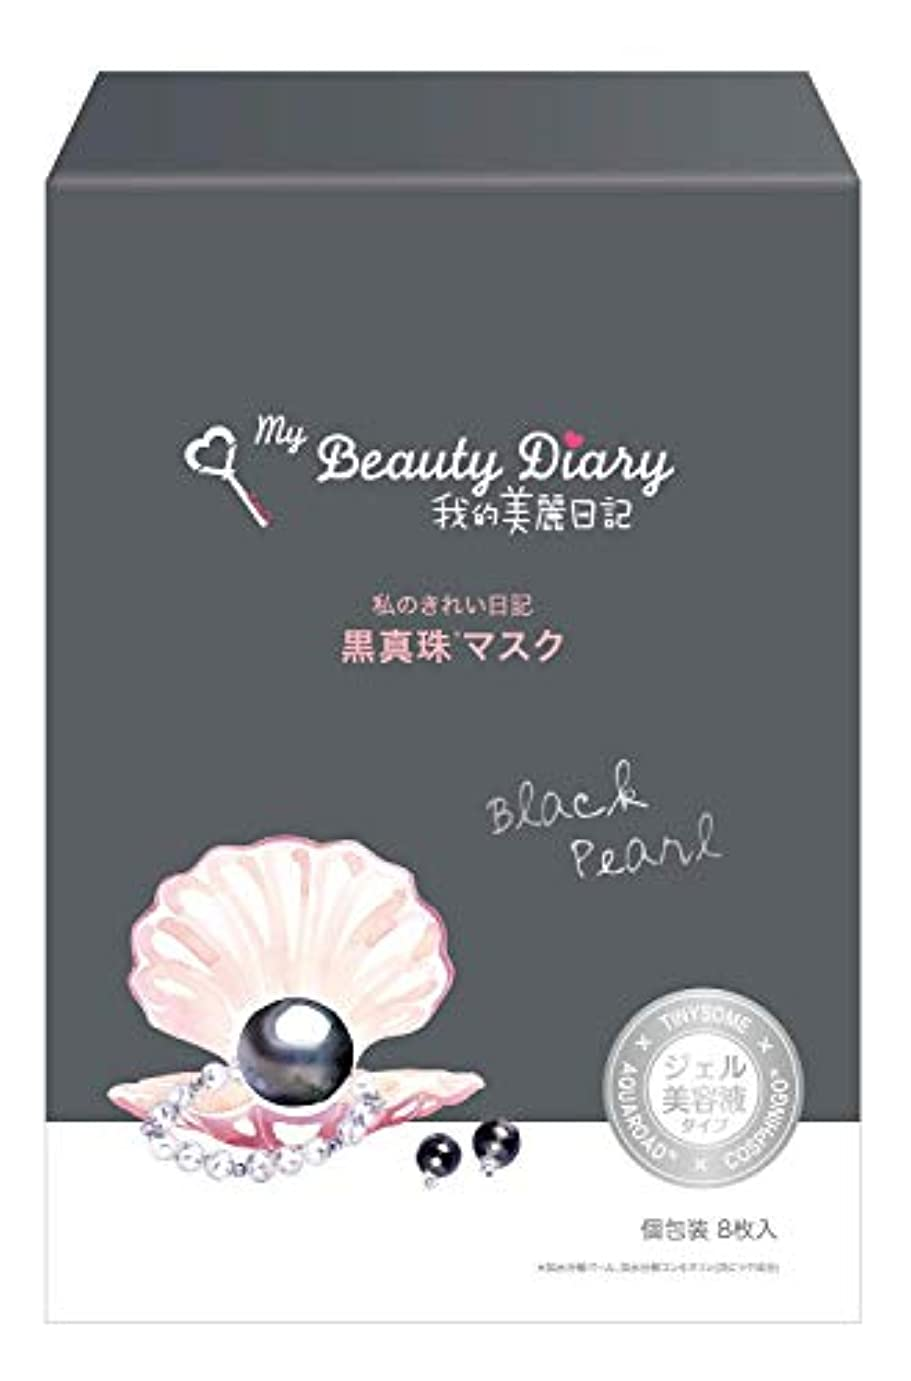 ソブリケット始まり勝つ我的美麗日記-私のきれい日記- 黒真珠マスク 8枚入